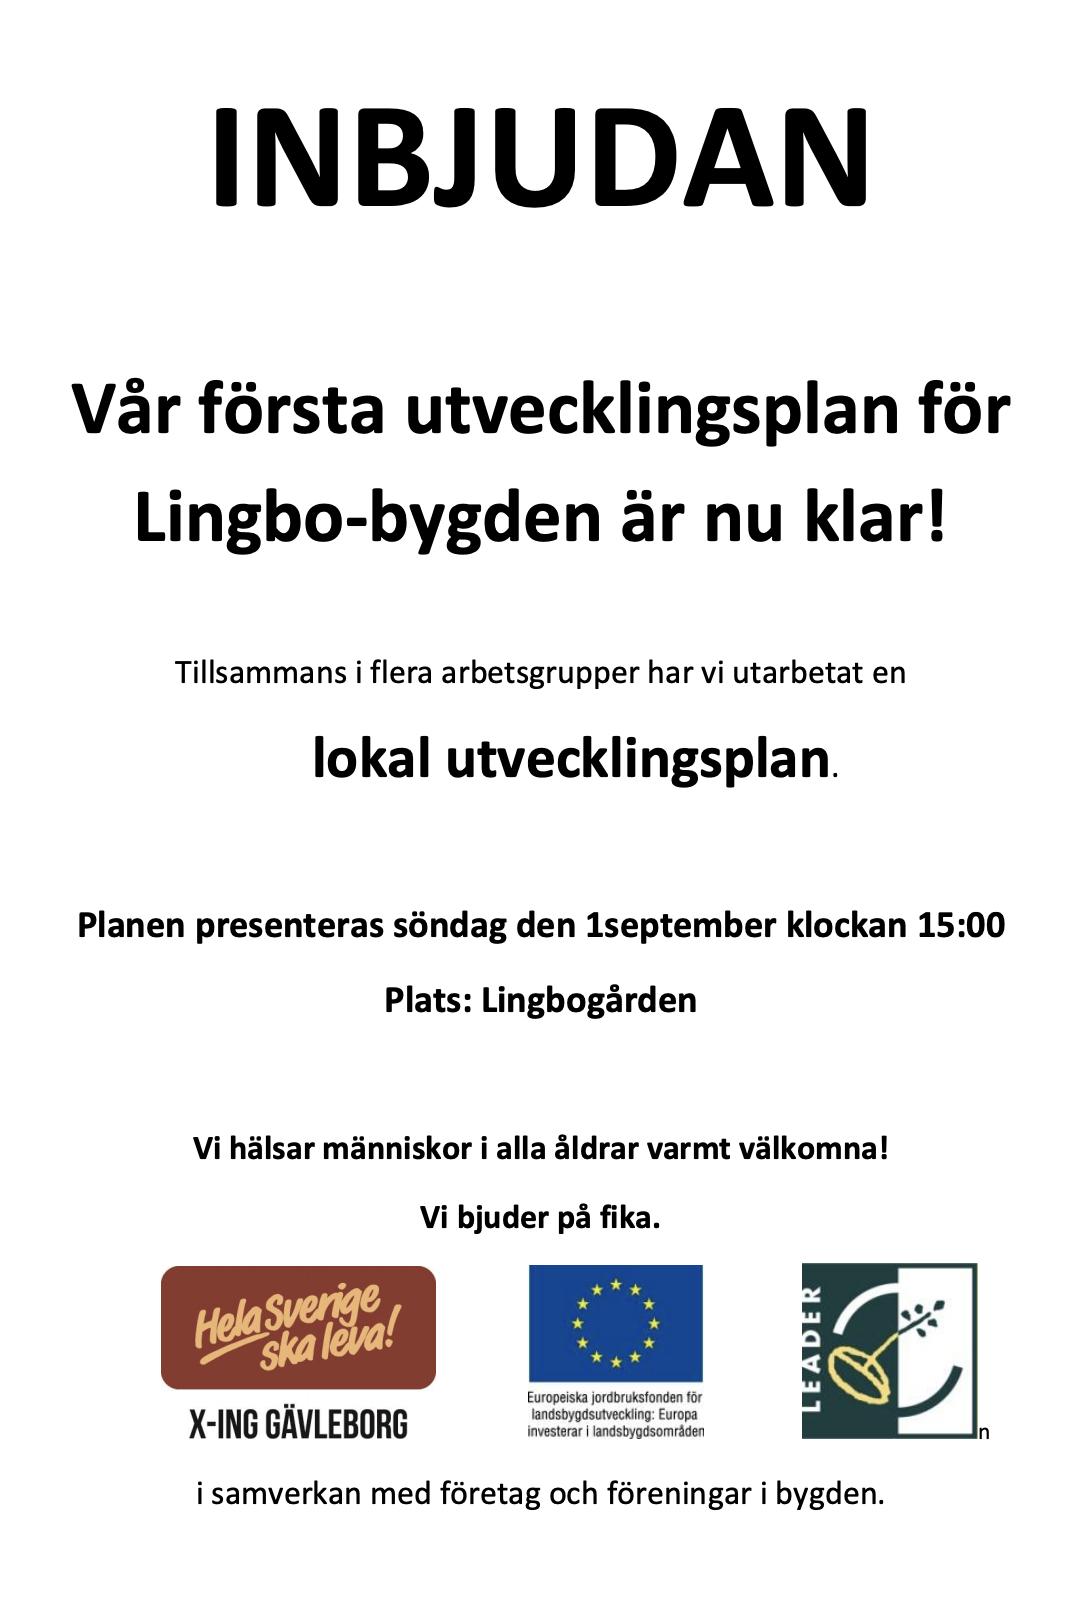 Inbjudan till lokal utvecklingsplan, söndagen den 1 september klockan 15.00 i Lingbogården